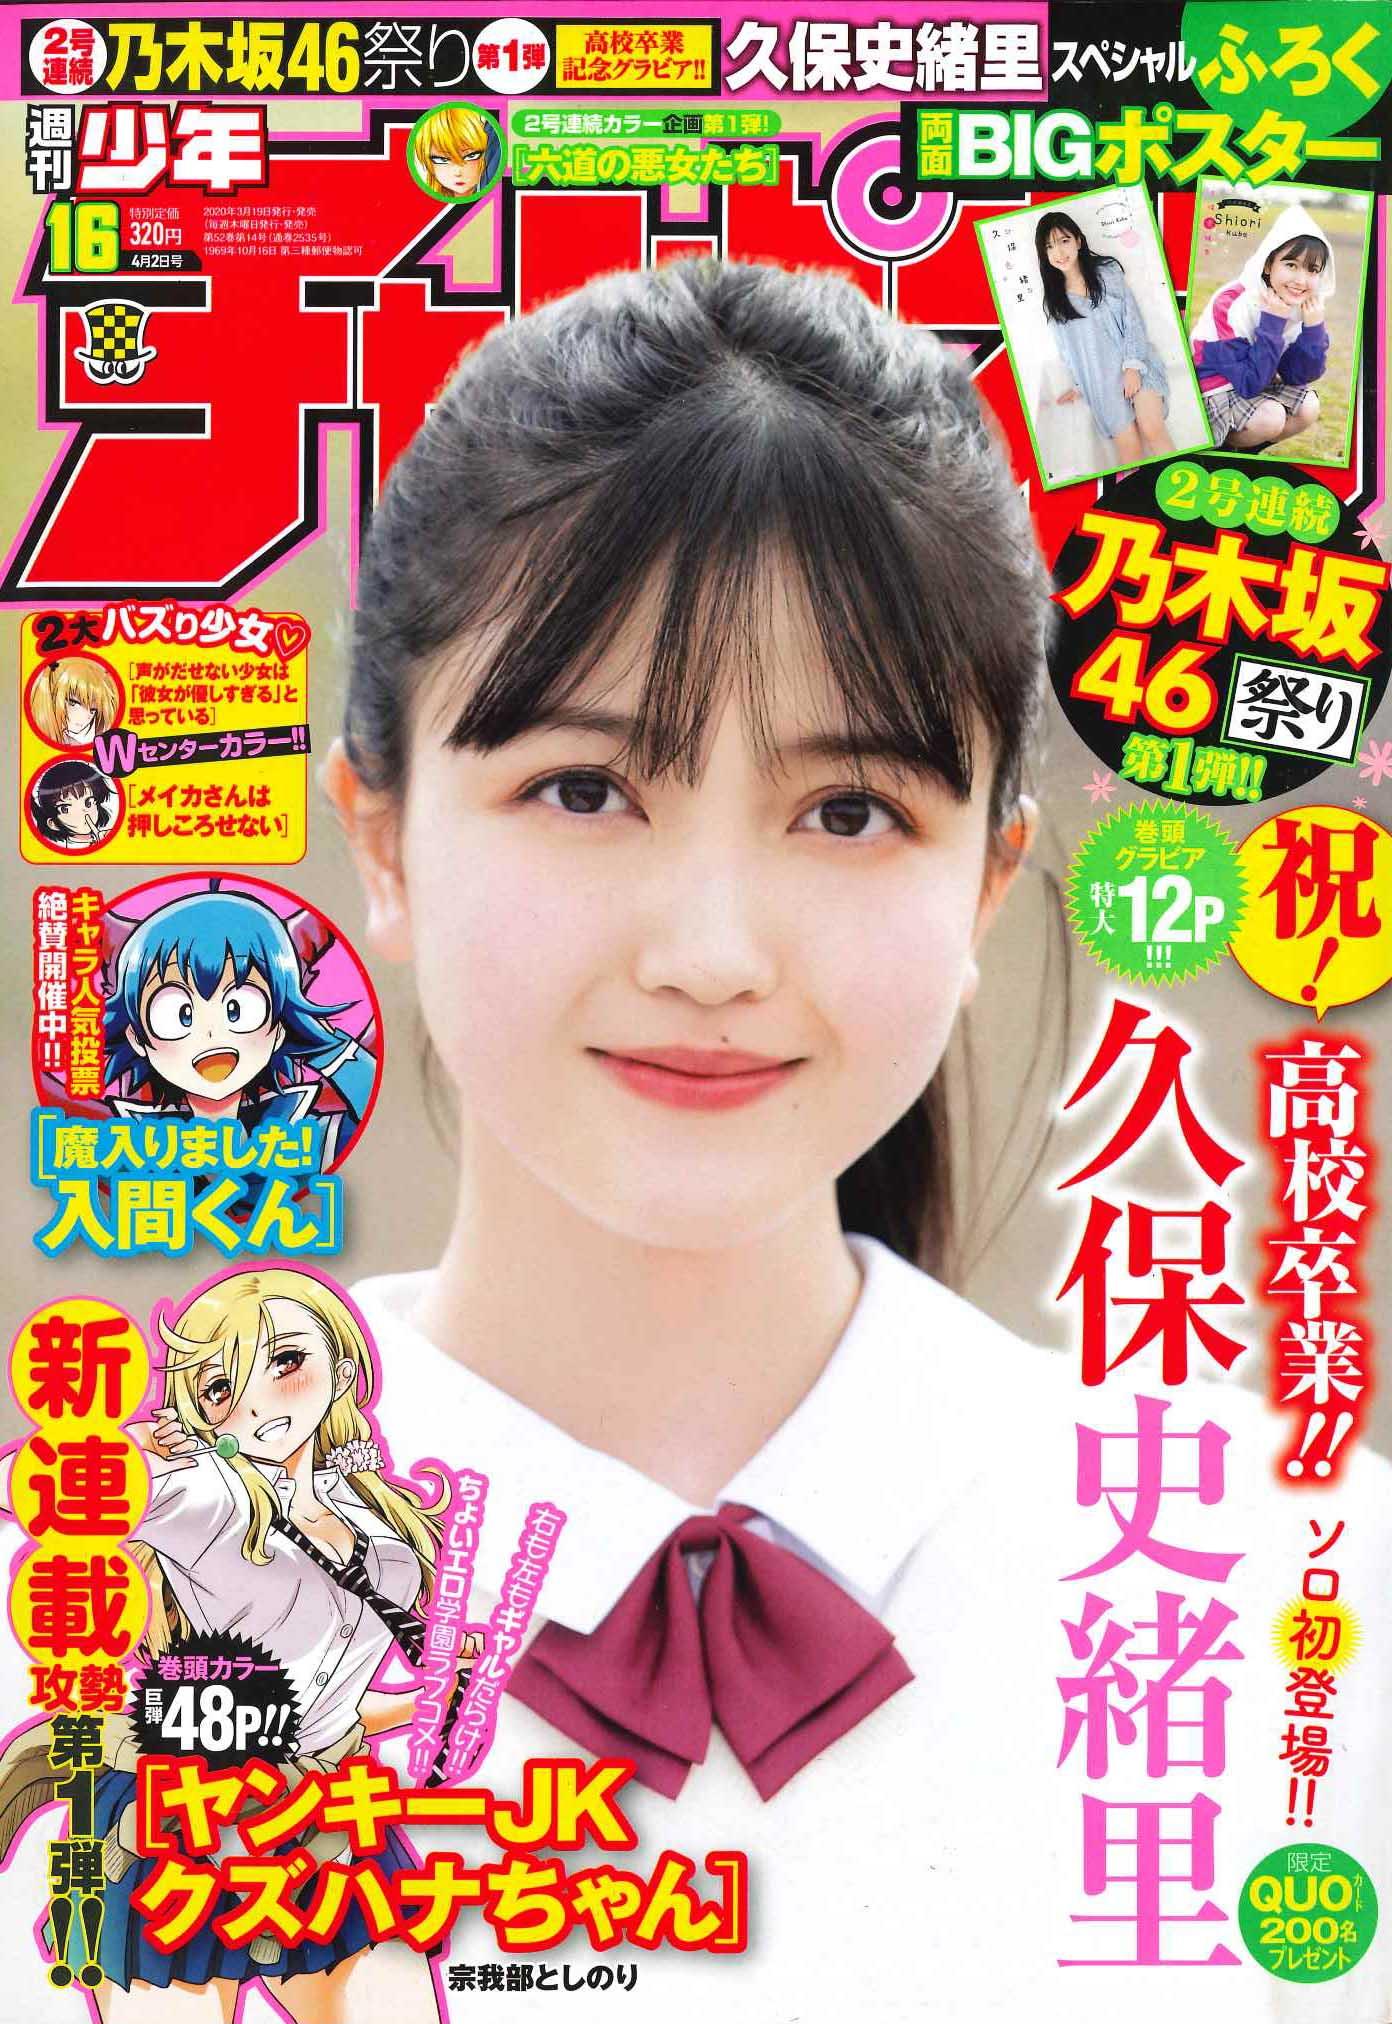 久保史緒里(くぼ しおり)『週刊少年チャンピオン』